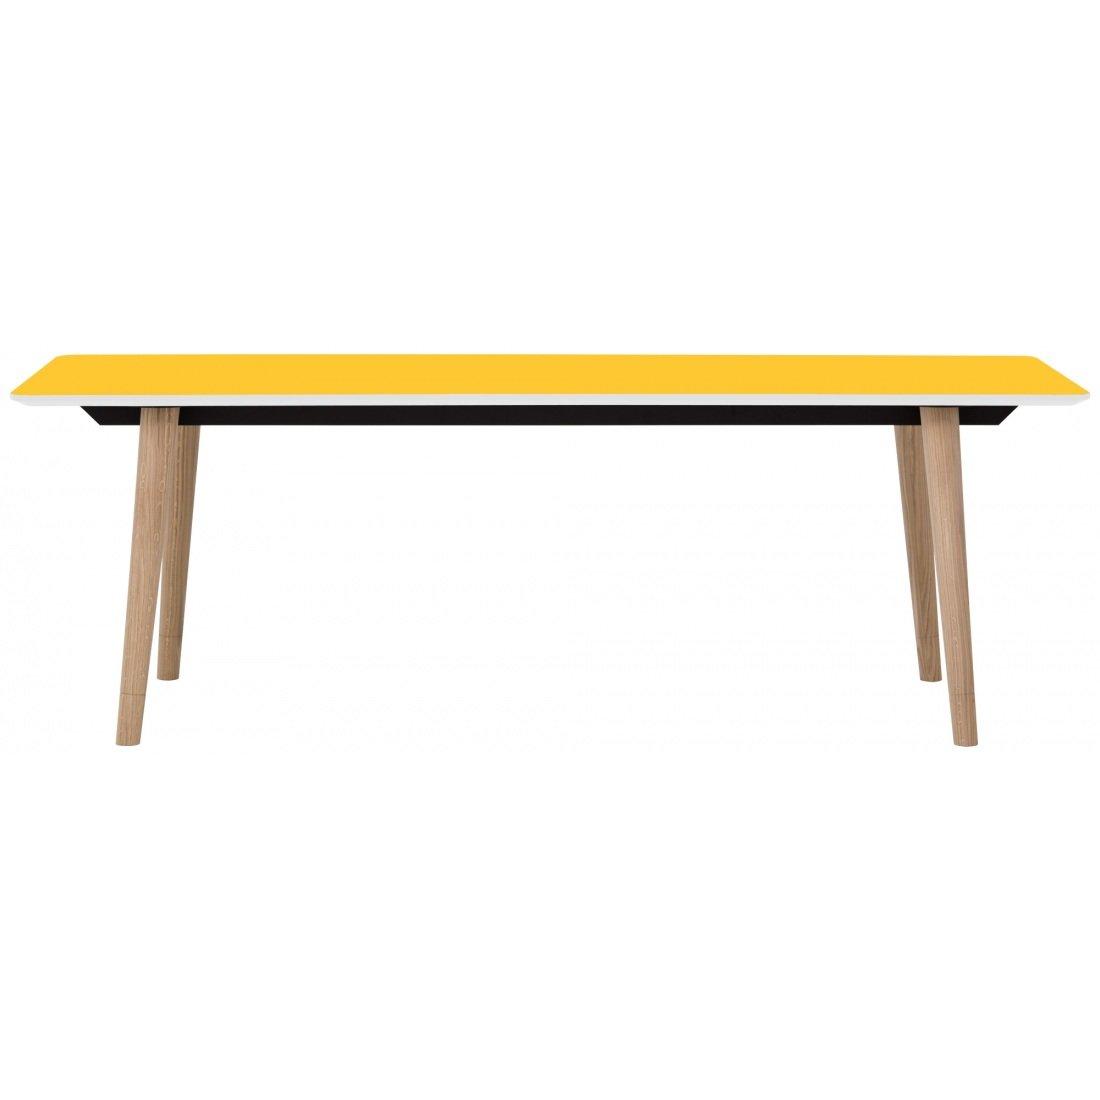 Esstisch Gelb Tisch Esszimmertisch Designer: Amazon.de: Küche & Haushalt